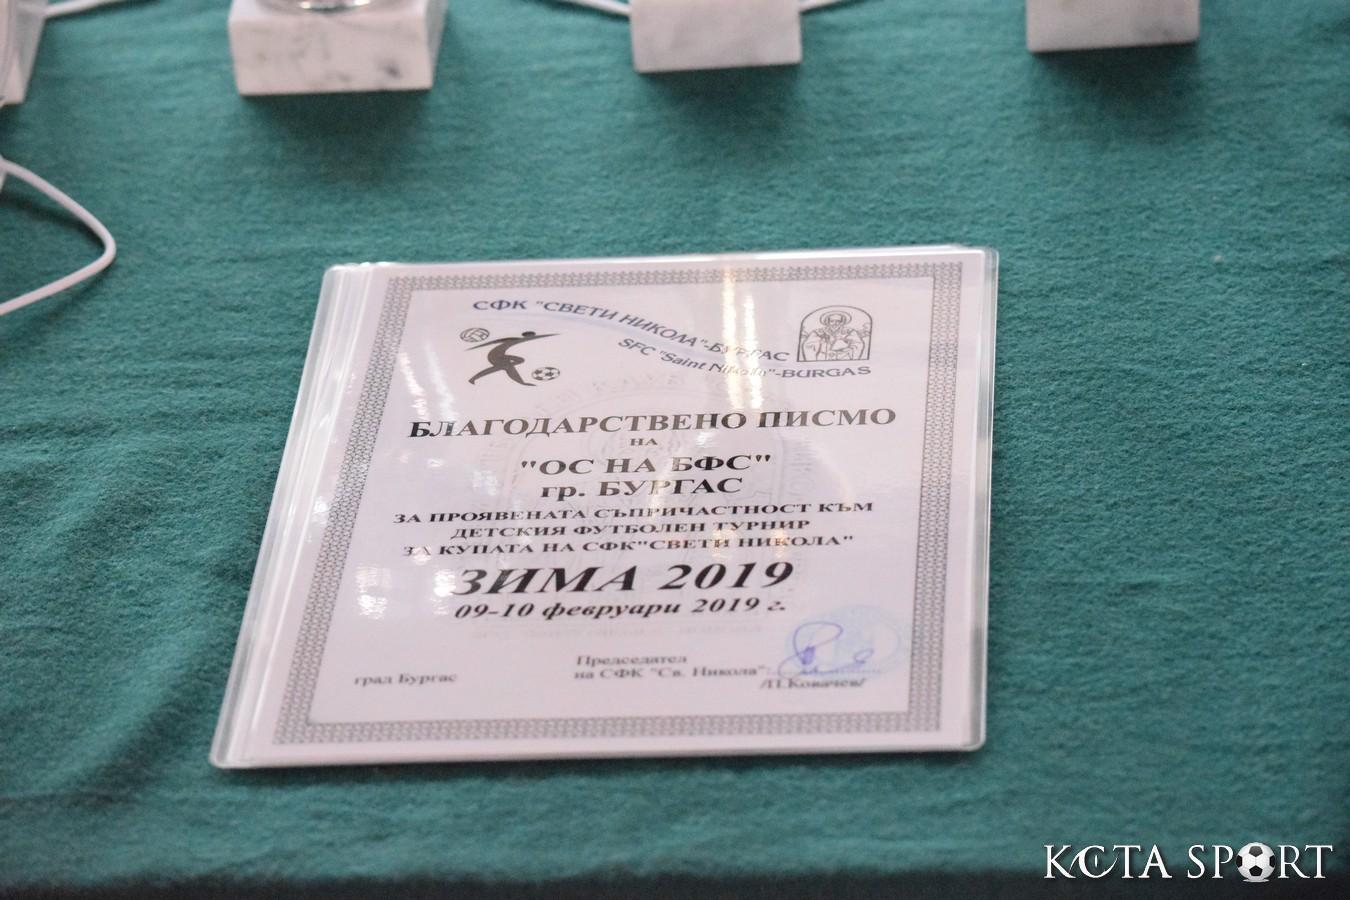 turnir sveti nikola 11